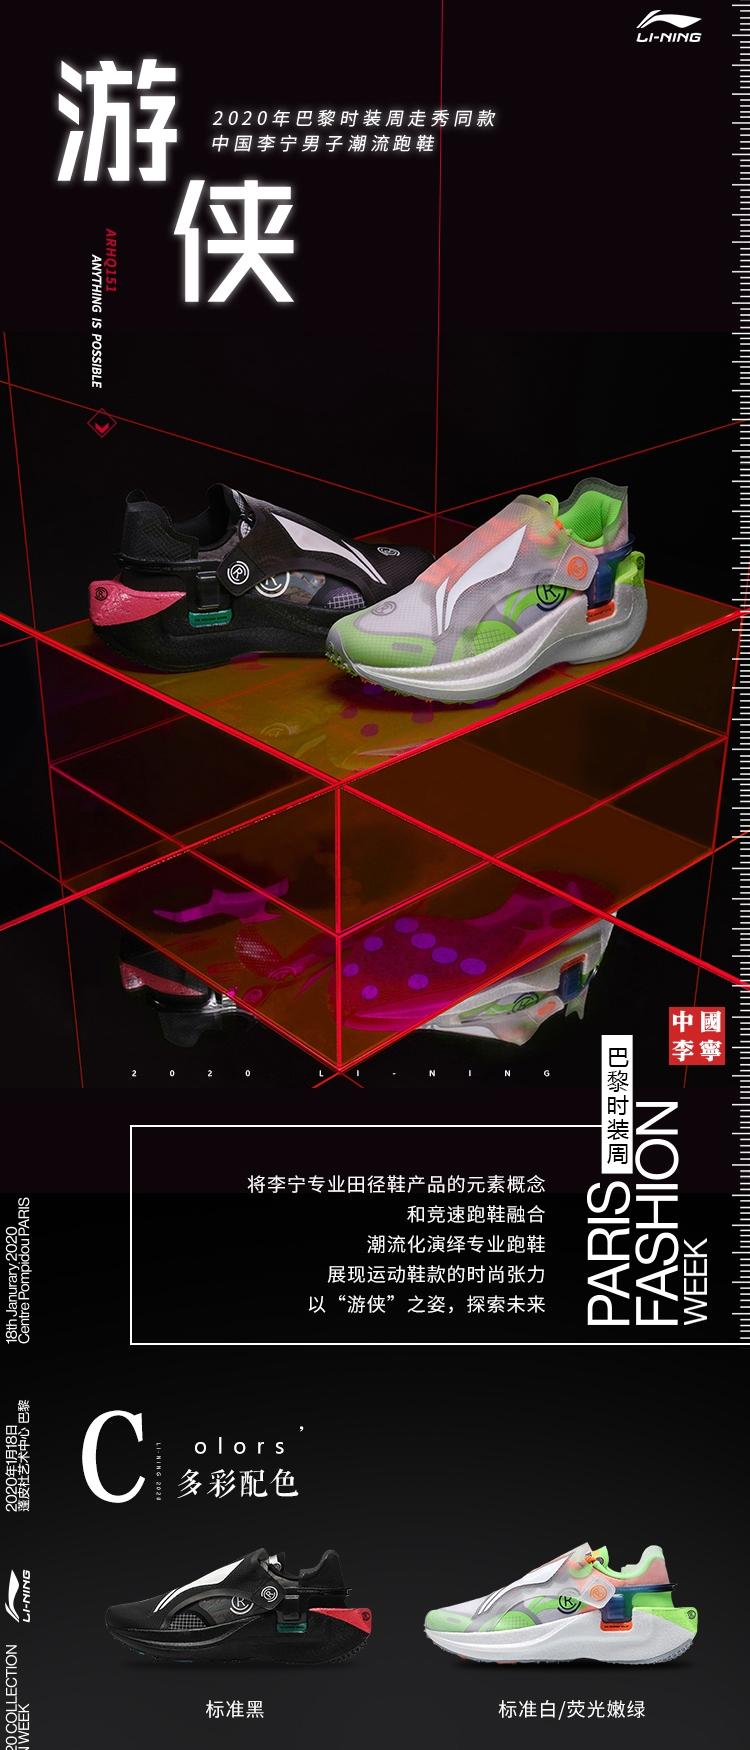 Paris Fashion Week China Li-Ning FW2020 Men's Running Shoes